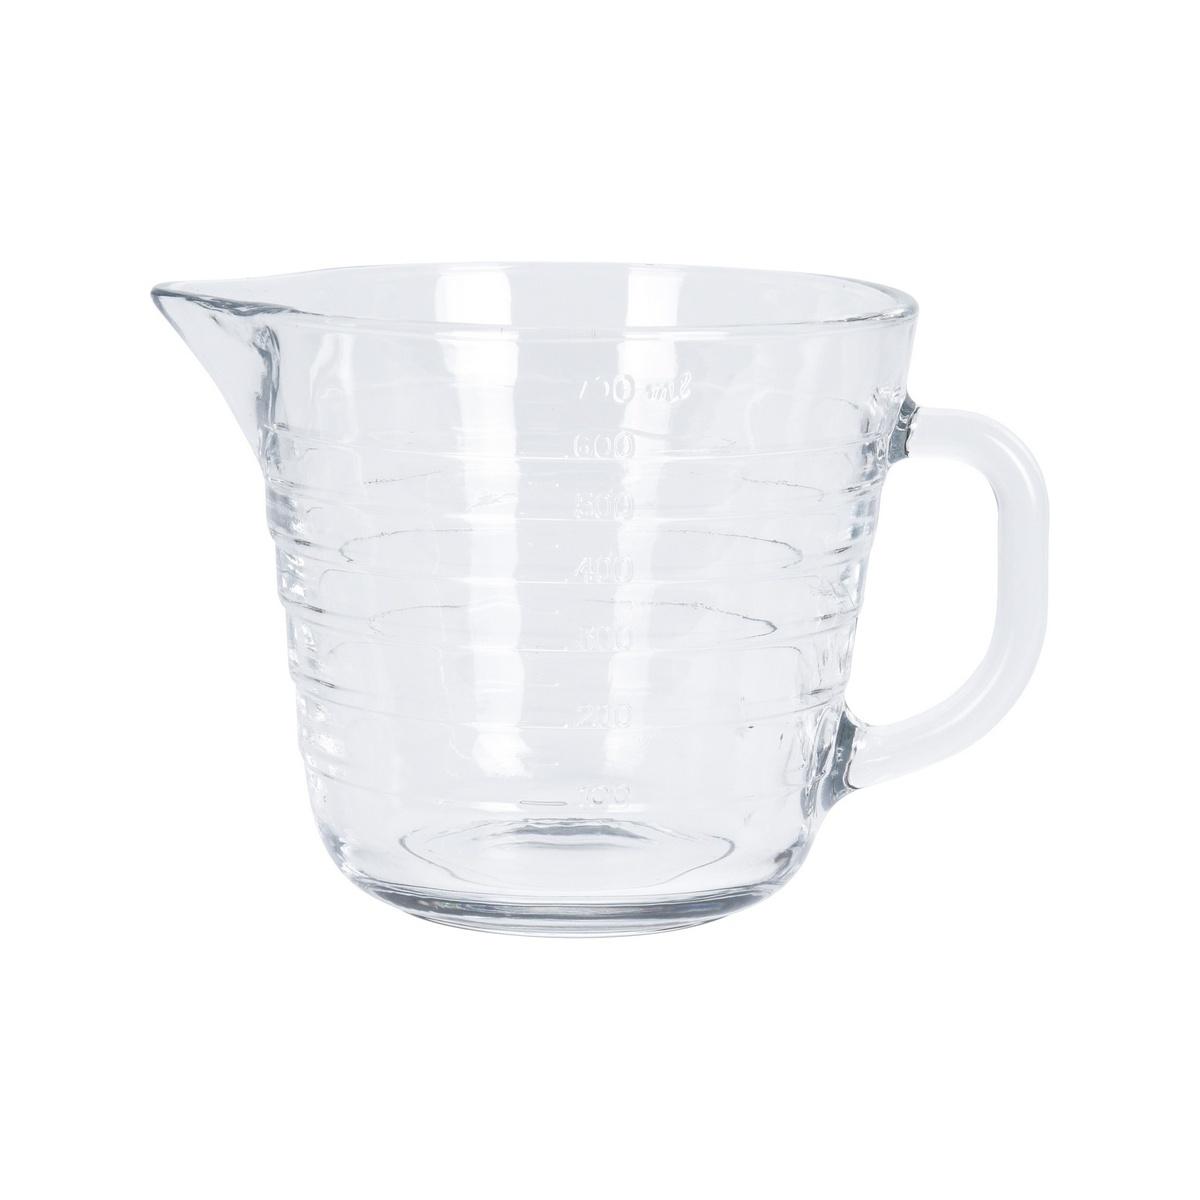 Skleněný džbán, 800 ml